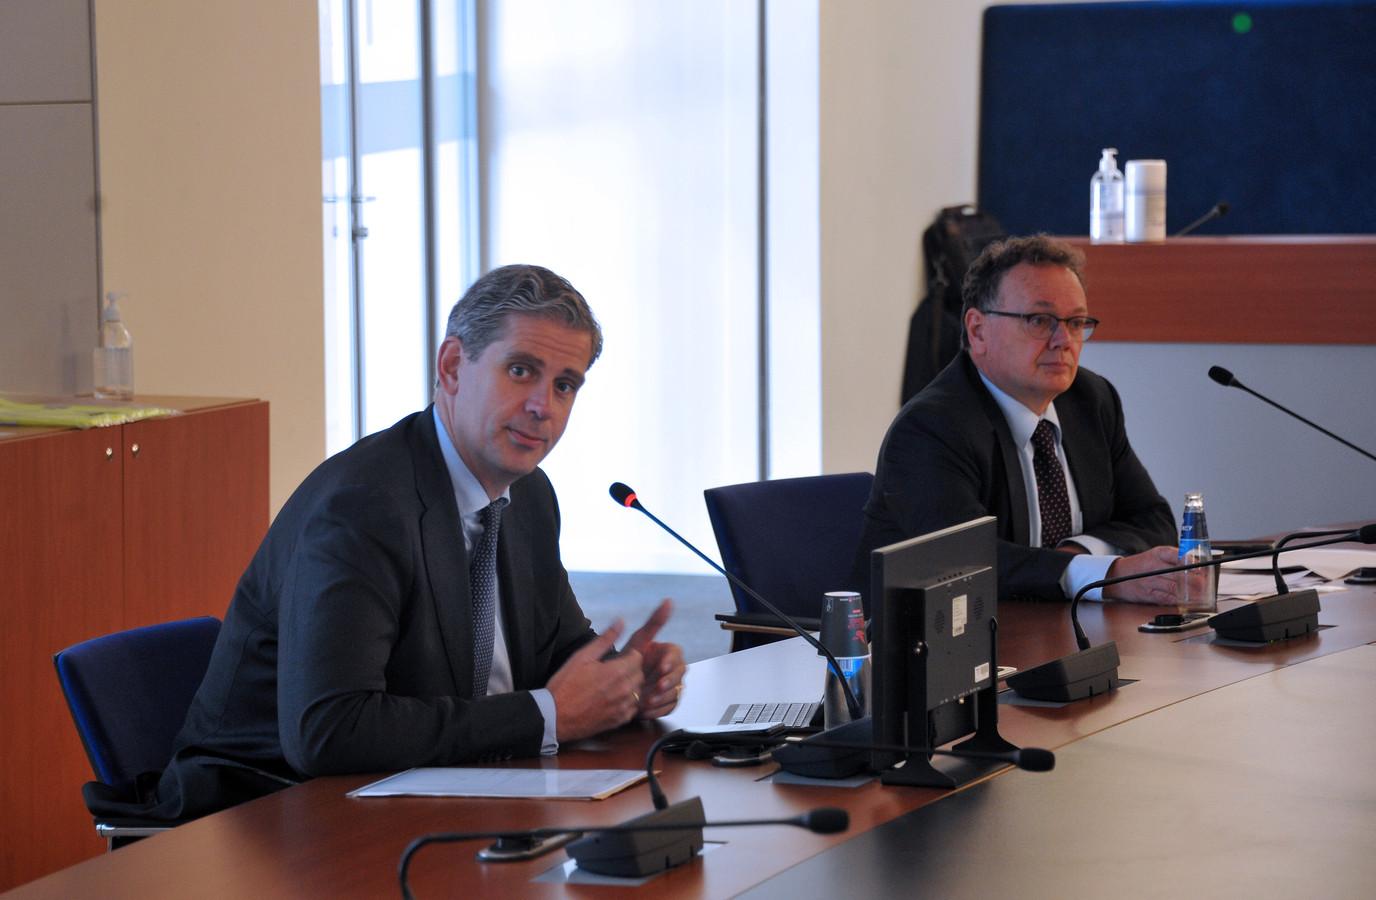 GGD-baas Cees Vermeer (rechts) en voorzitter Wouter Kolff van de Veiligheidsregio Zuid-Holland-Zuid tijdens een persconferentie over de coronacrisis.